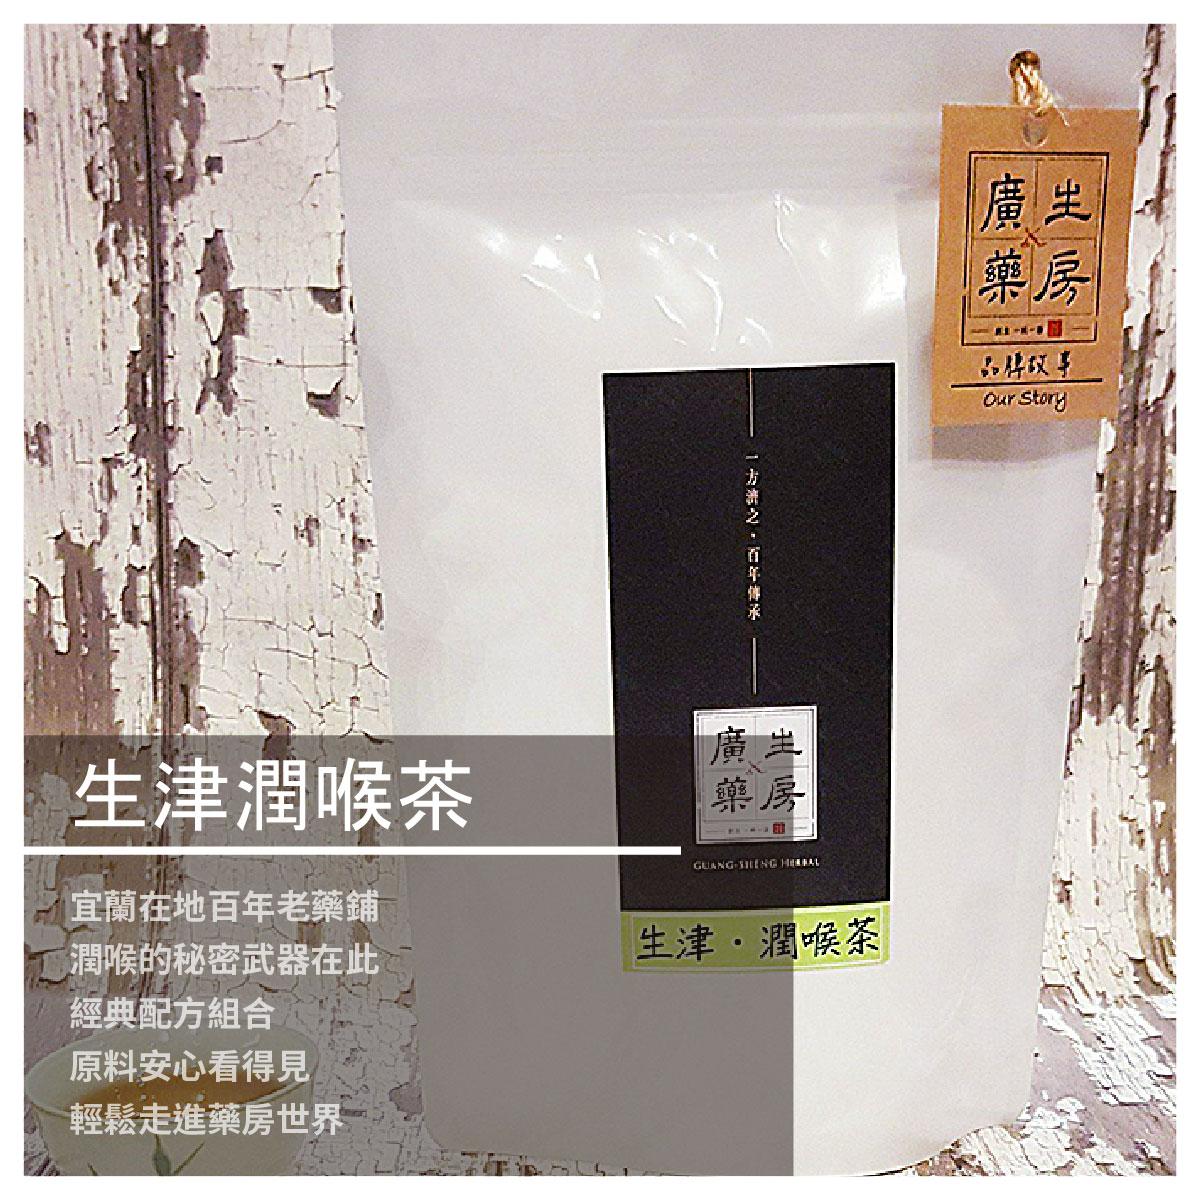 【廣生藥房】生津潤喉茶/15入/袋